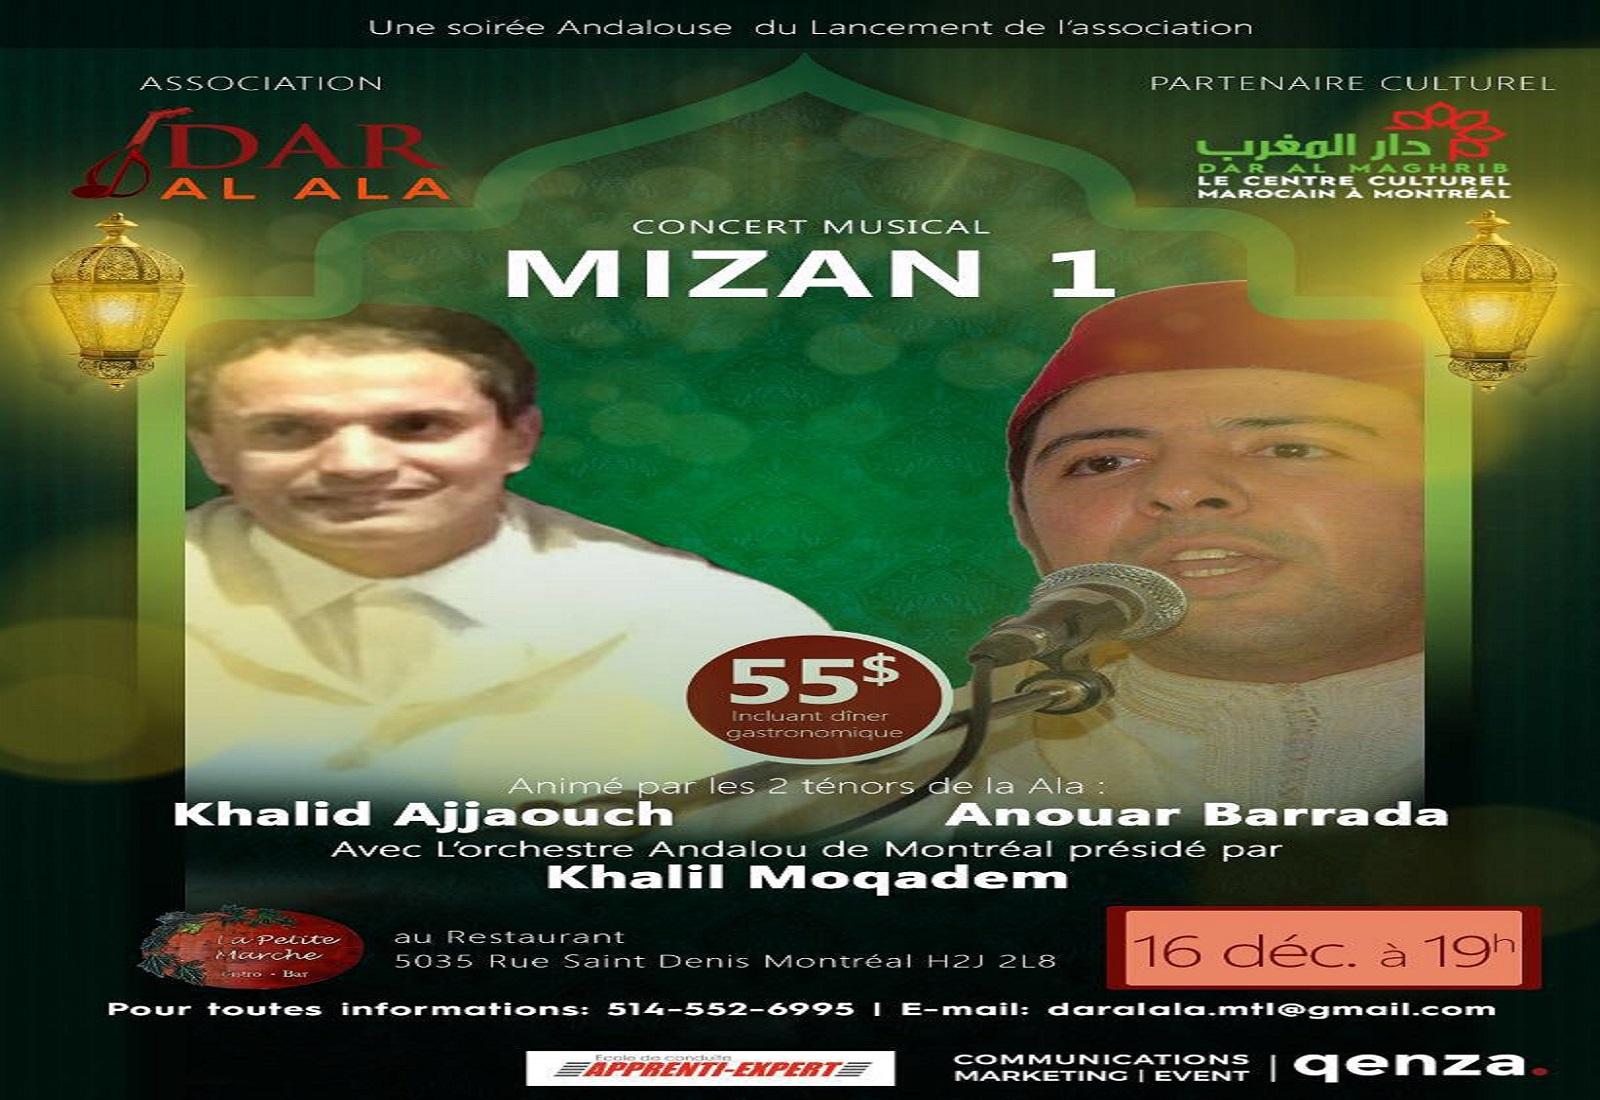 Dar Al Maghrib à Montréal présente le Grand consert musical «MIZAN 1» le 16 Décembre